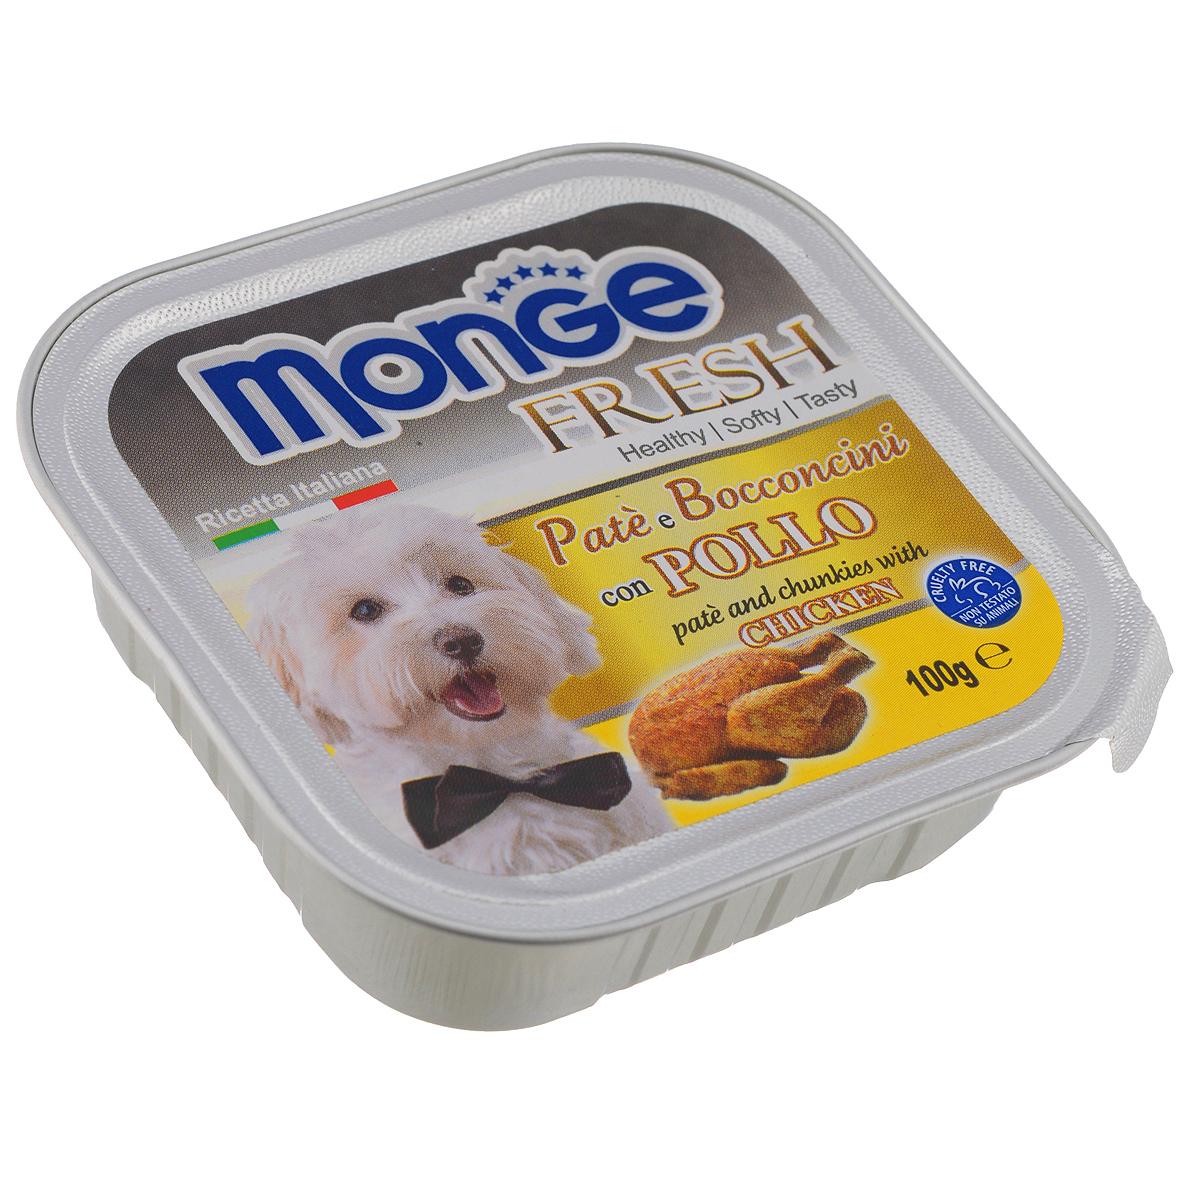 Консервы для собак Monge Fresh, с курицей, 100 г70013062Консервы для собак Monge Fresh - это полнорационный корм для собак. Паштет с мясом курицы. Состав: свежее мясо 80% (содержание курицы мин. 10%), минеральные вещества, витамины. Технологические добавки: загустители и желирующие вещества. Анализ компонентов: белок 9%, жир 7%, сырая клетчатка 0,5%, сырая зола 1,2%, влажность 82%. Витамины и добавки на 1 кг: витамин А 3000МЕ, витамин D3 400 МЕ, витамин Е 15 мг. Товар сертифицирован.Уважаемые клиенты! Обращаем ваше внимание на то, что упаковка может иметь несколько видов дизайна. Поставка осуществляется в зависимости от наличия на складе.